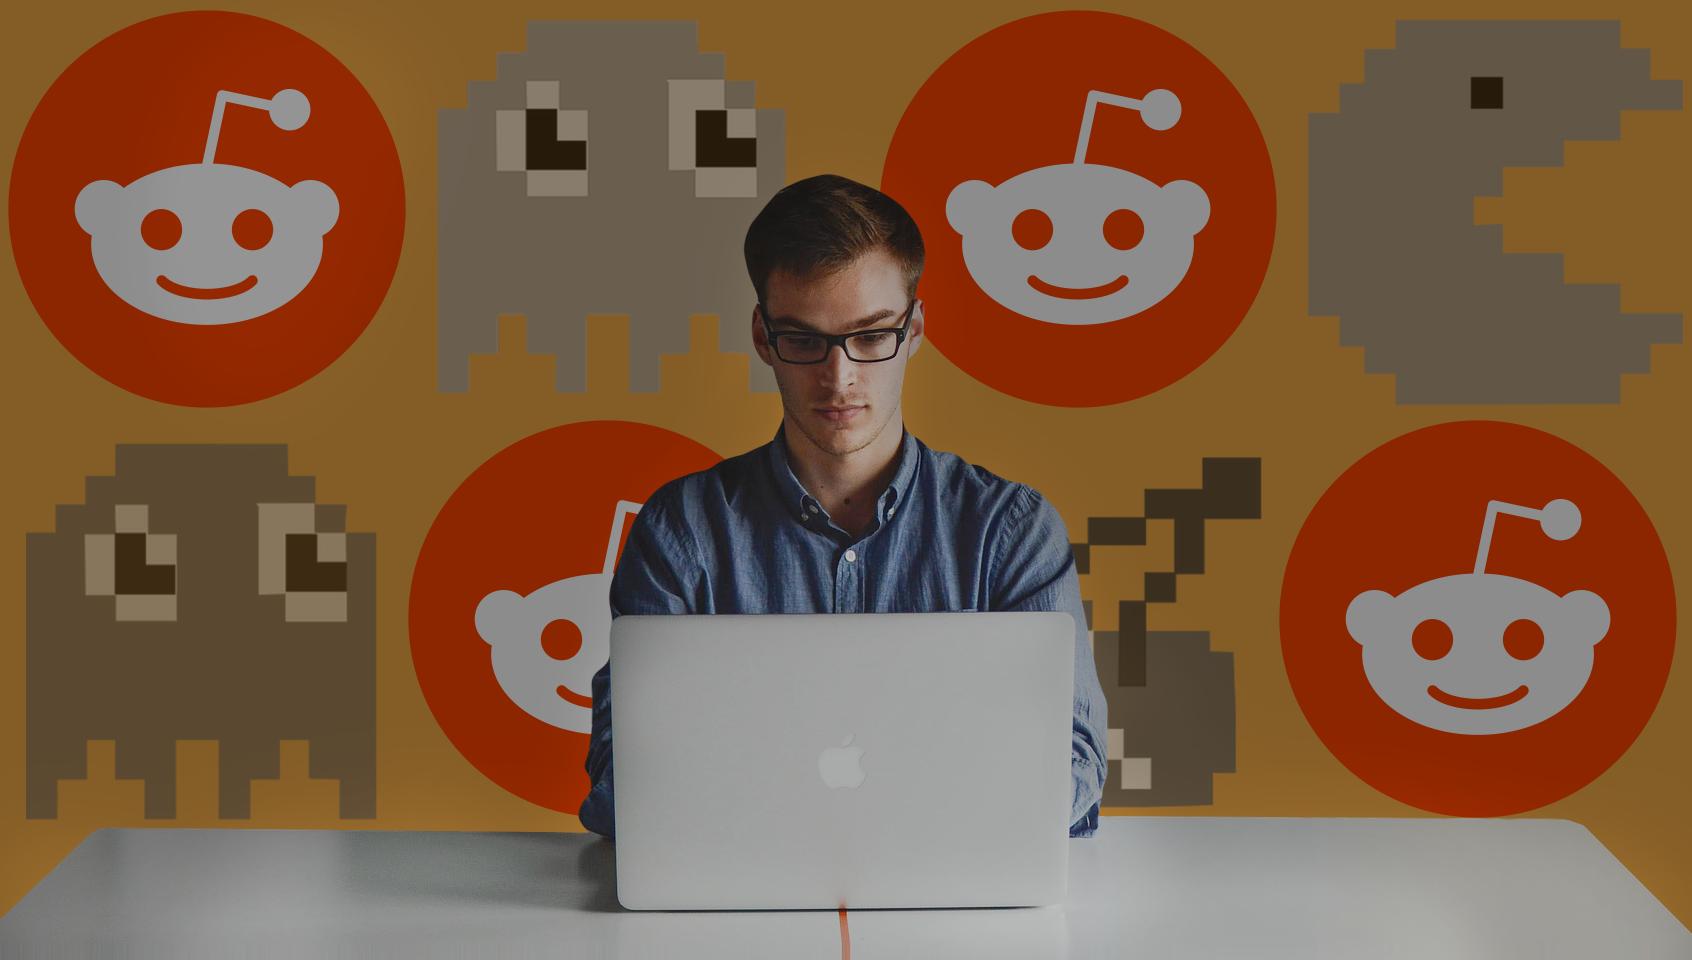 Reddit Ads - Geheimtipp für Leads und Conversion?